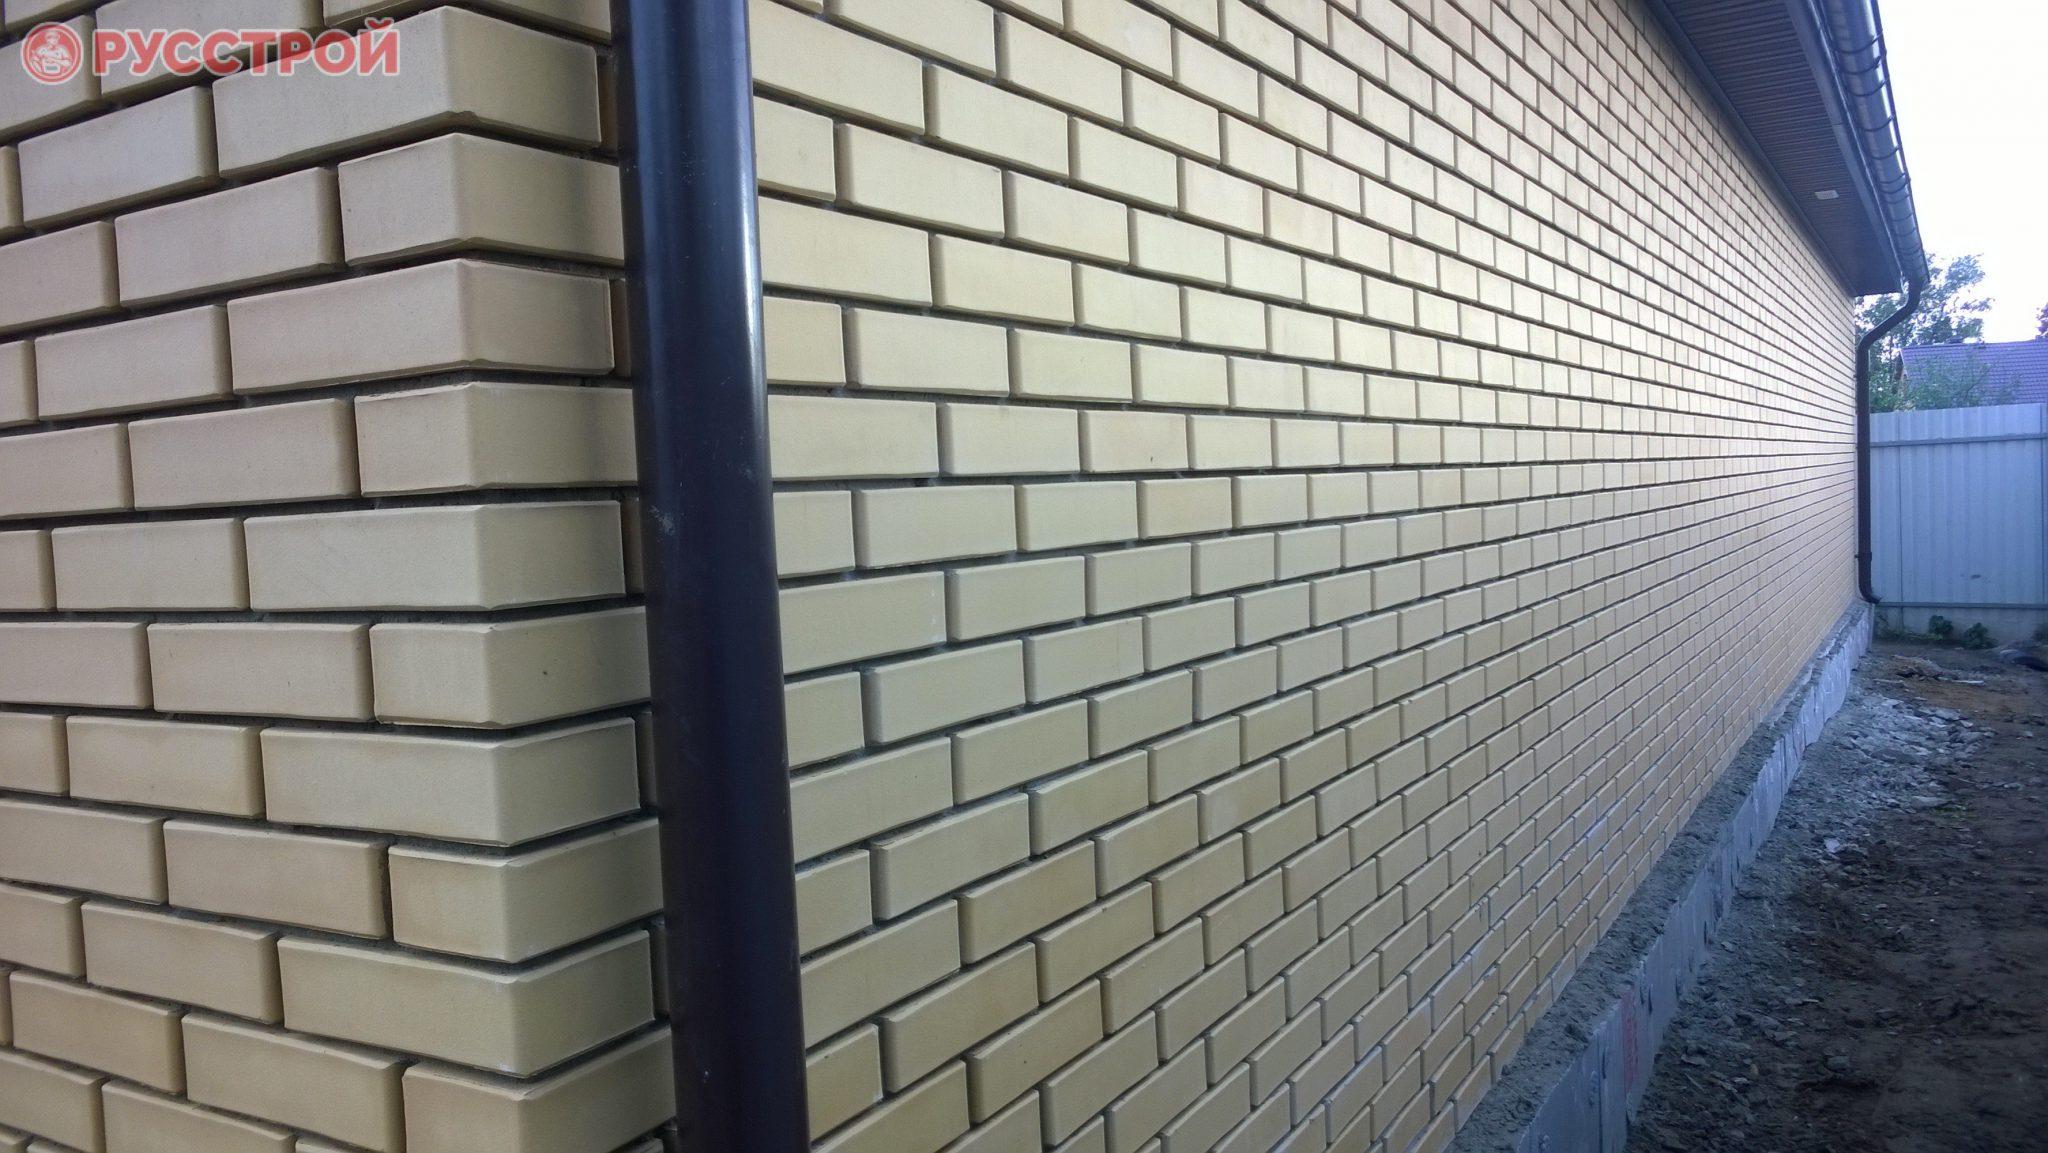 Строительство коттеджей из кирпича. Русстрой г. Калуга